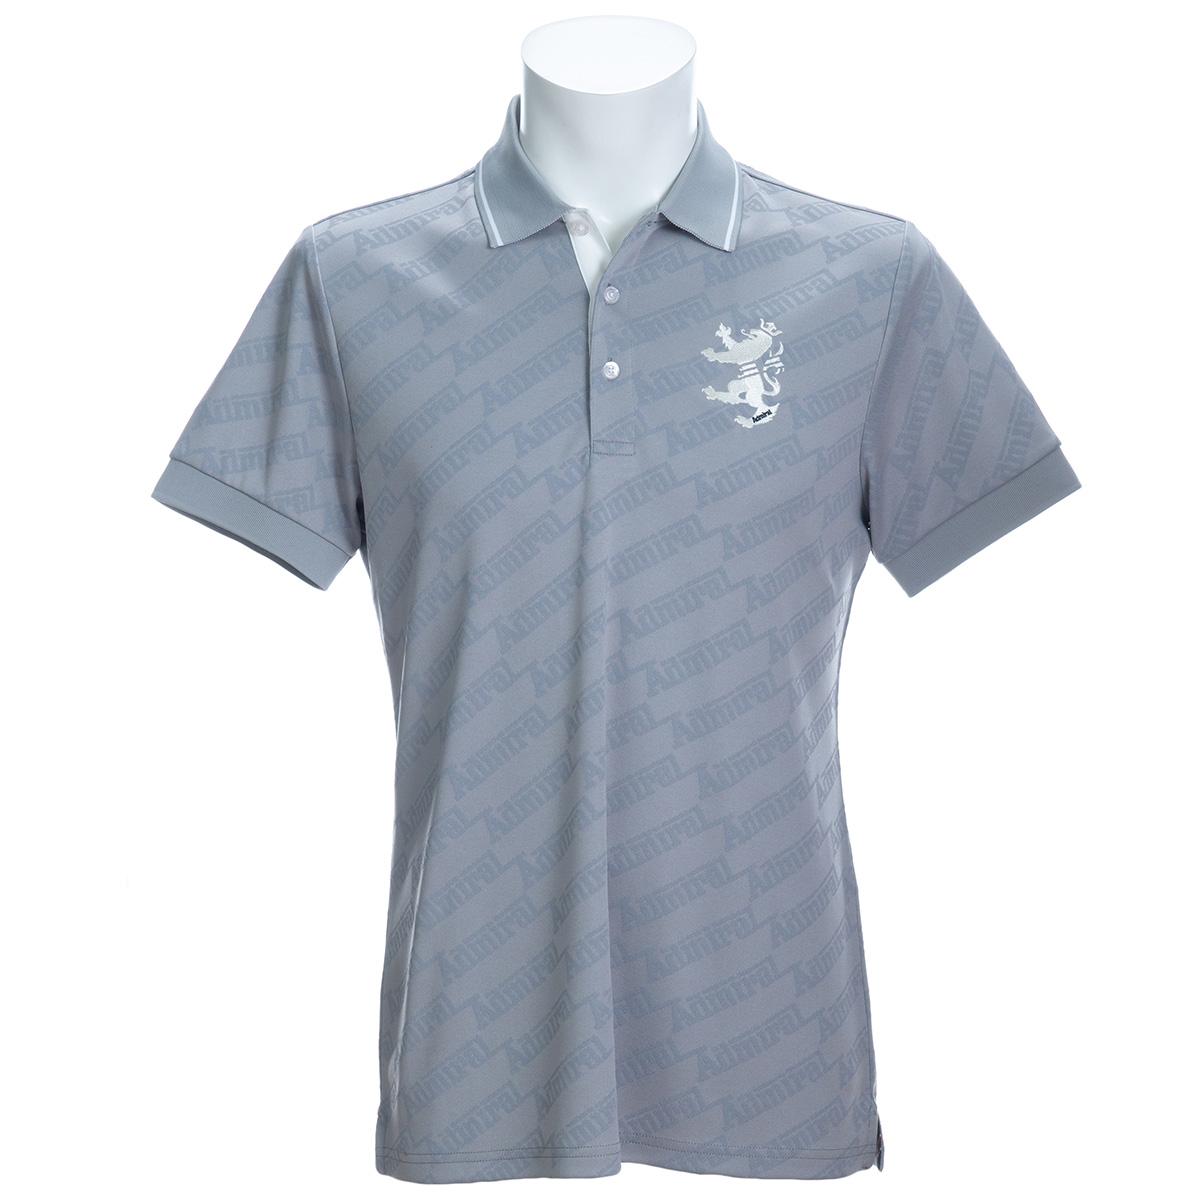 ランブレッタジャカード 半袖ポロシャツ